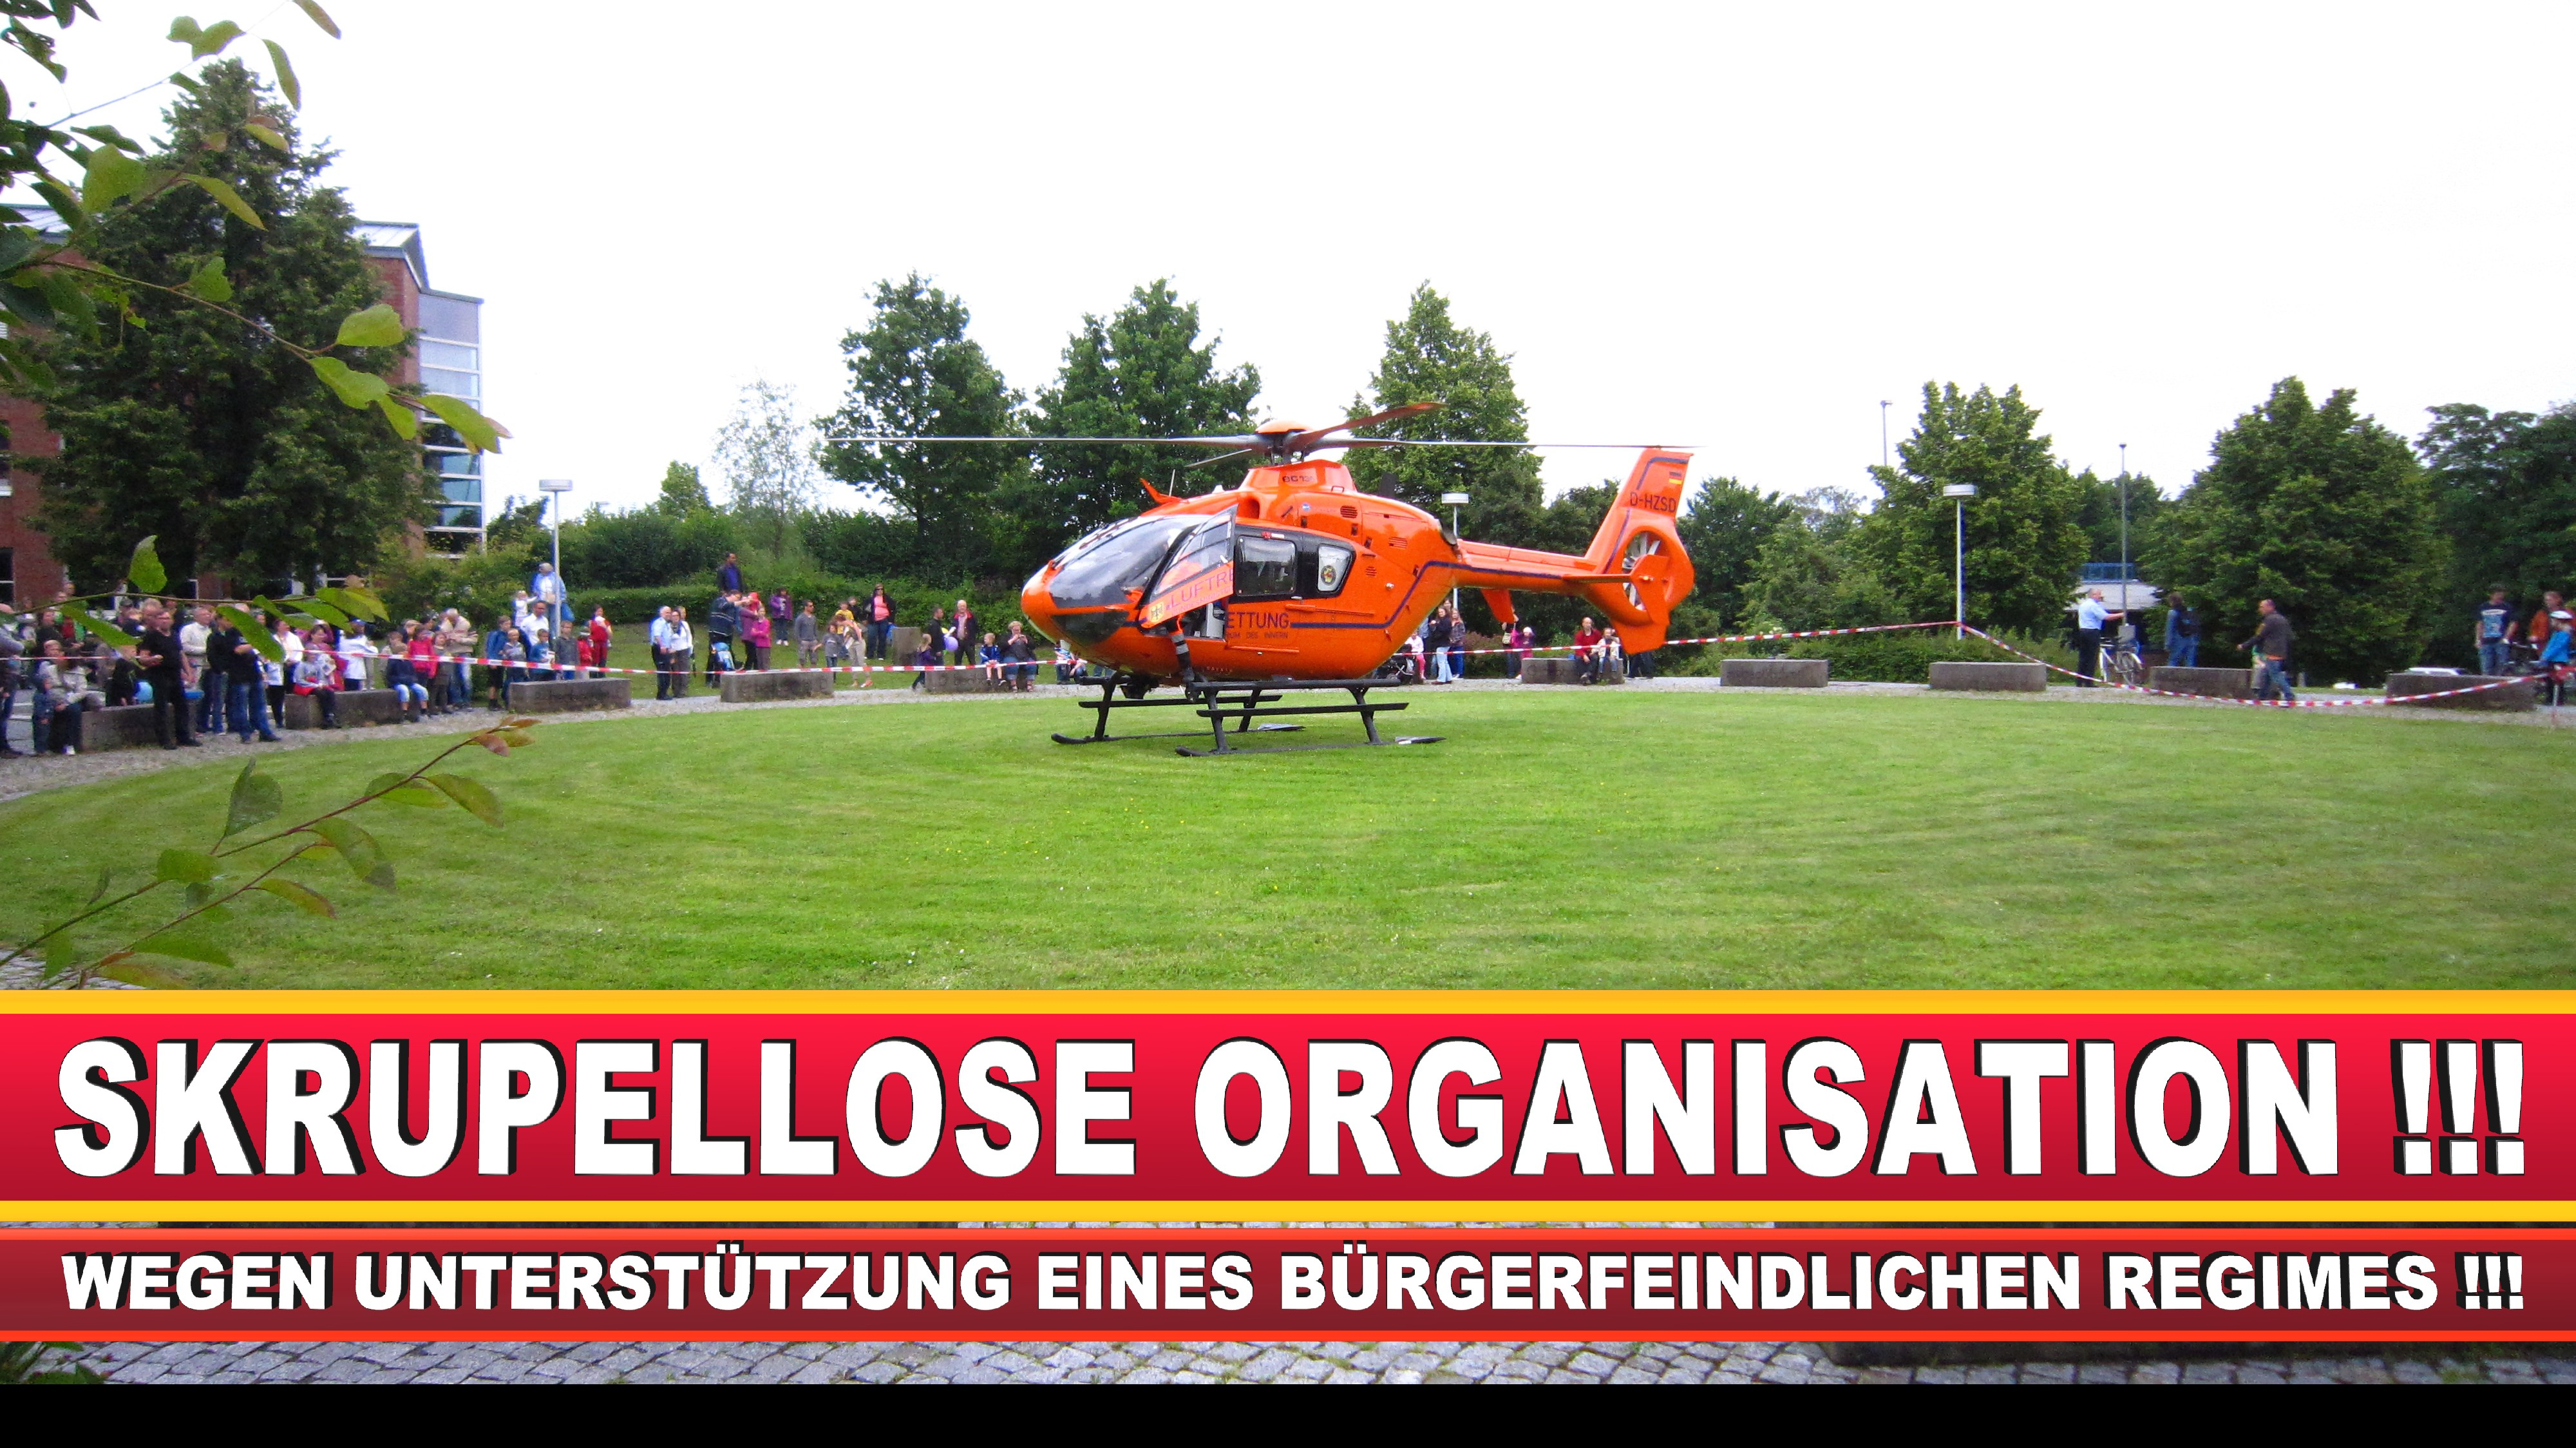 Polizeipräsidentin Katharina Giere Polizei Bielefeld NRW Erwin Südfeld Horst Kruse Polizeiuniform Polizeigewalt DEMONSTRATION Bahnhof (22)